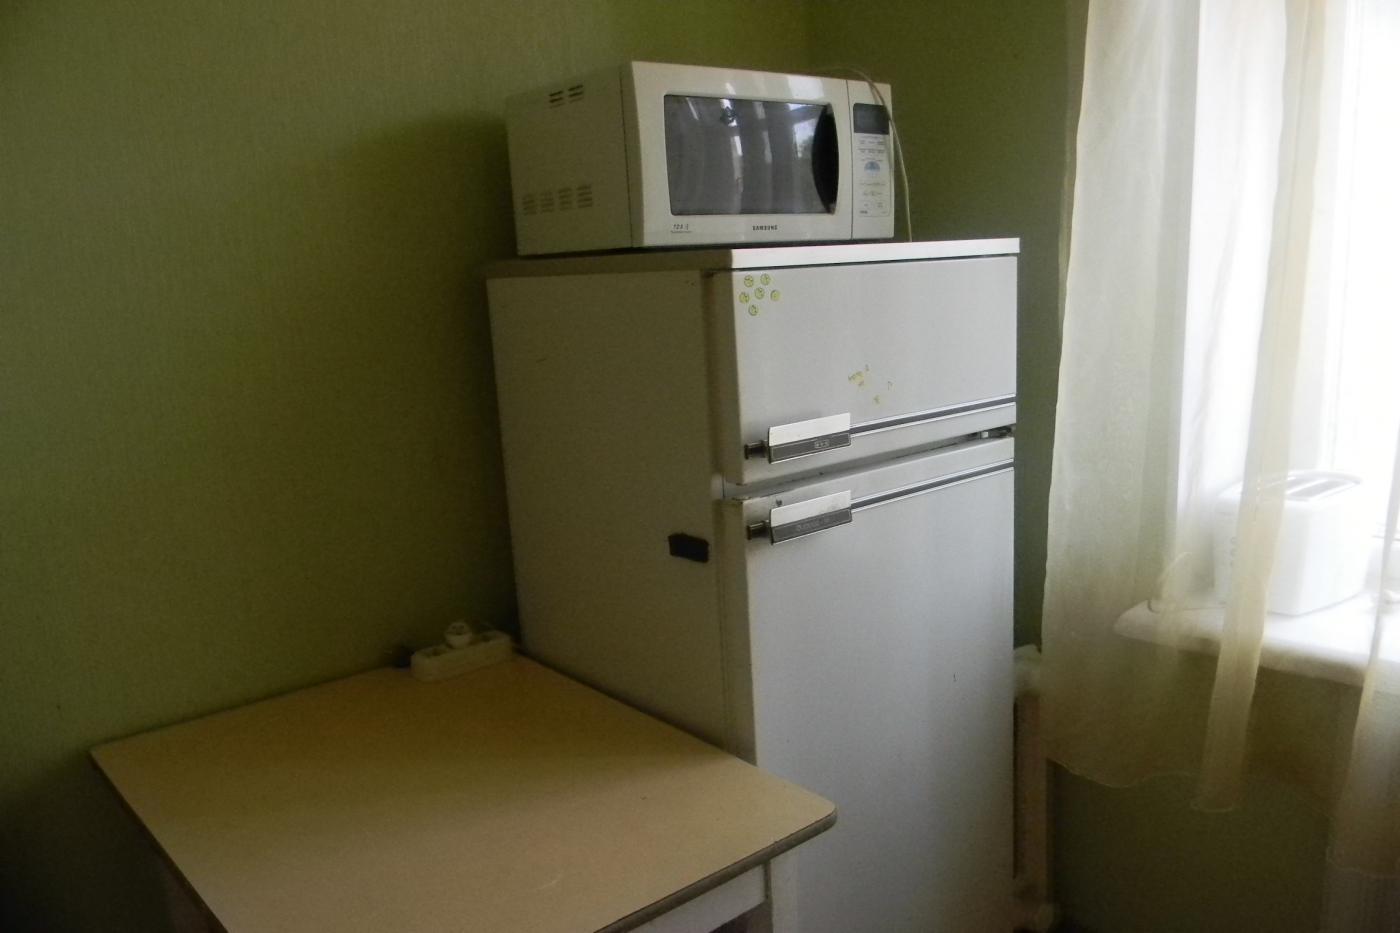 1-комнатная квартира посуточно (вариант № 2317), ул. Комсомольский проспект, фото № 3